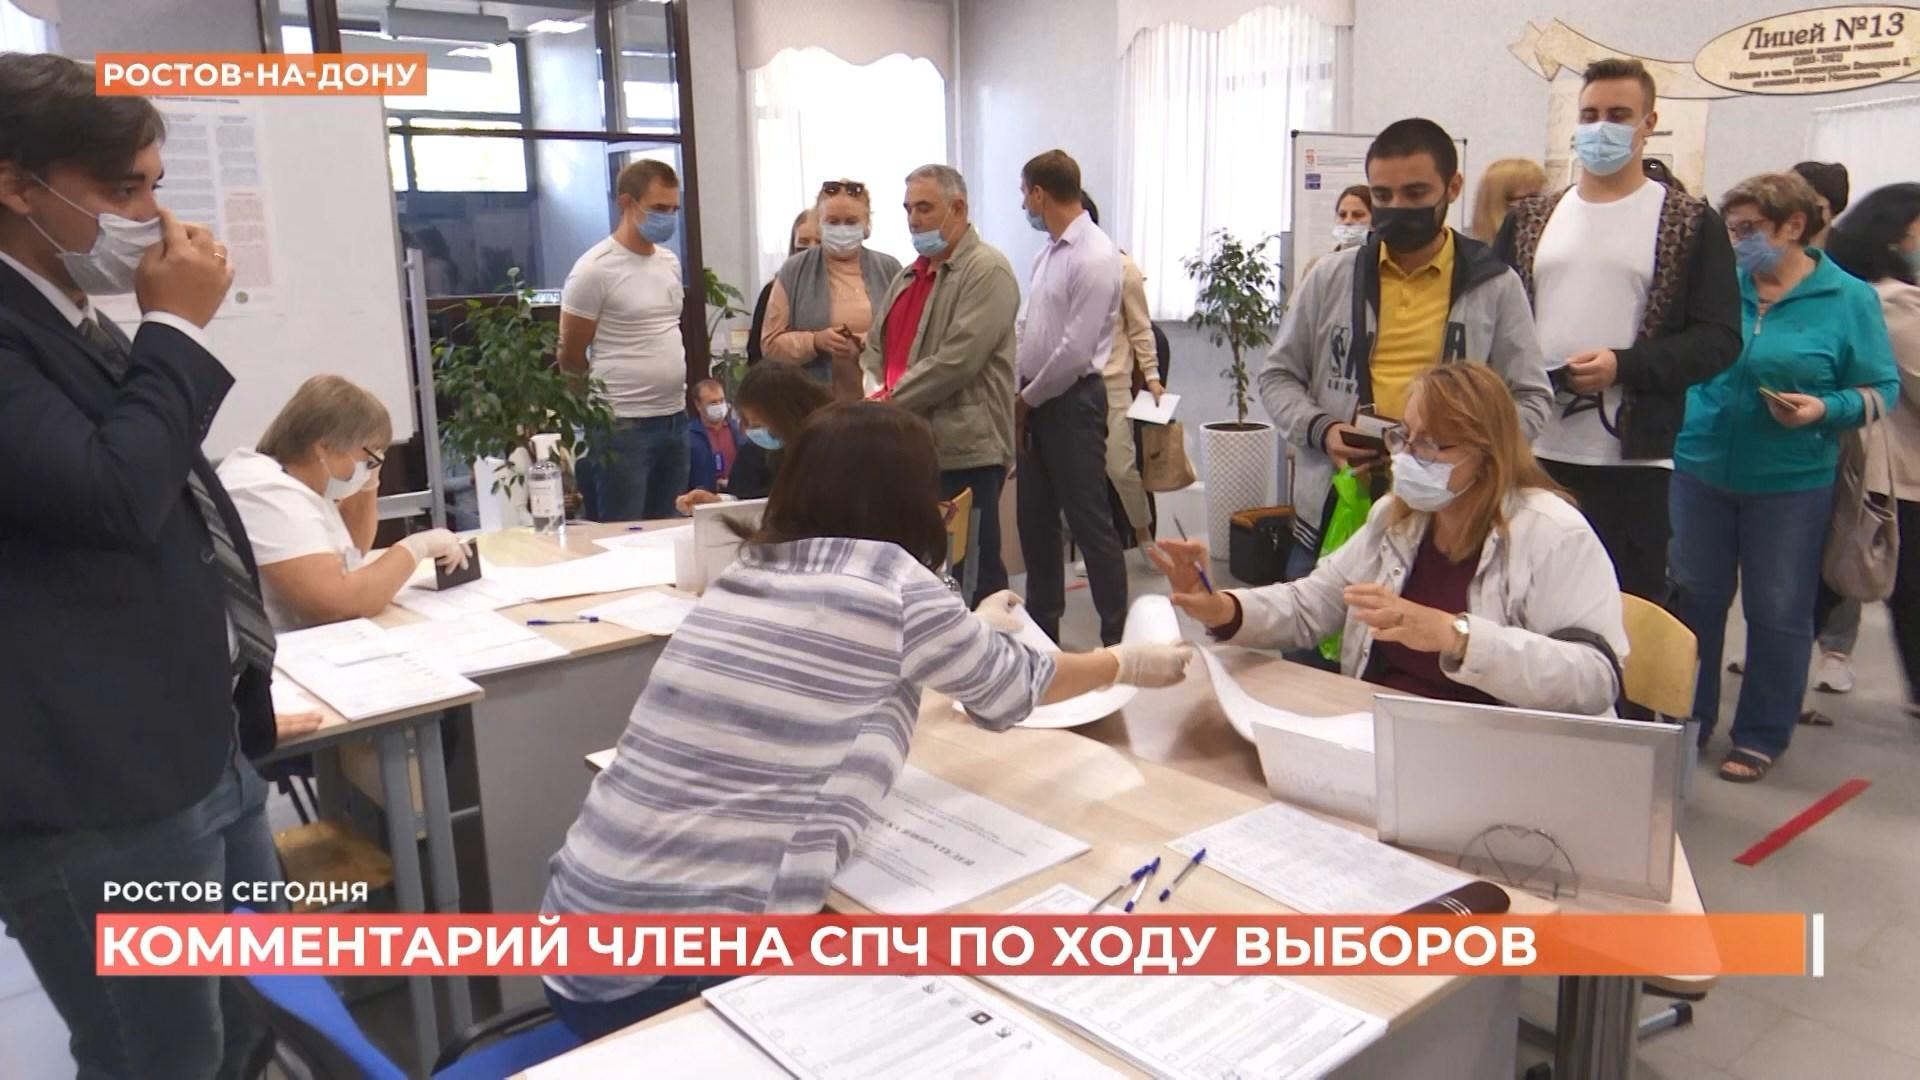 Член Совета при Президенте России по развитию гражданского общества и правам человека А. Брод прокомментировал ход выборов